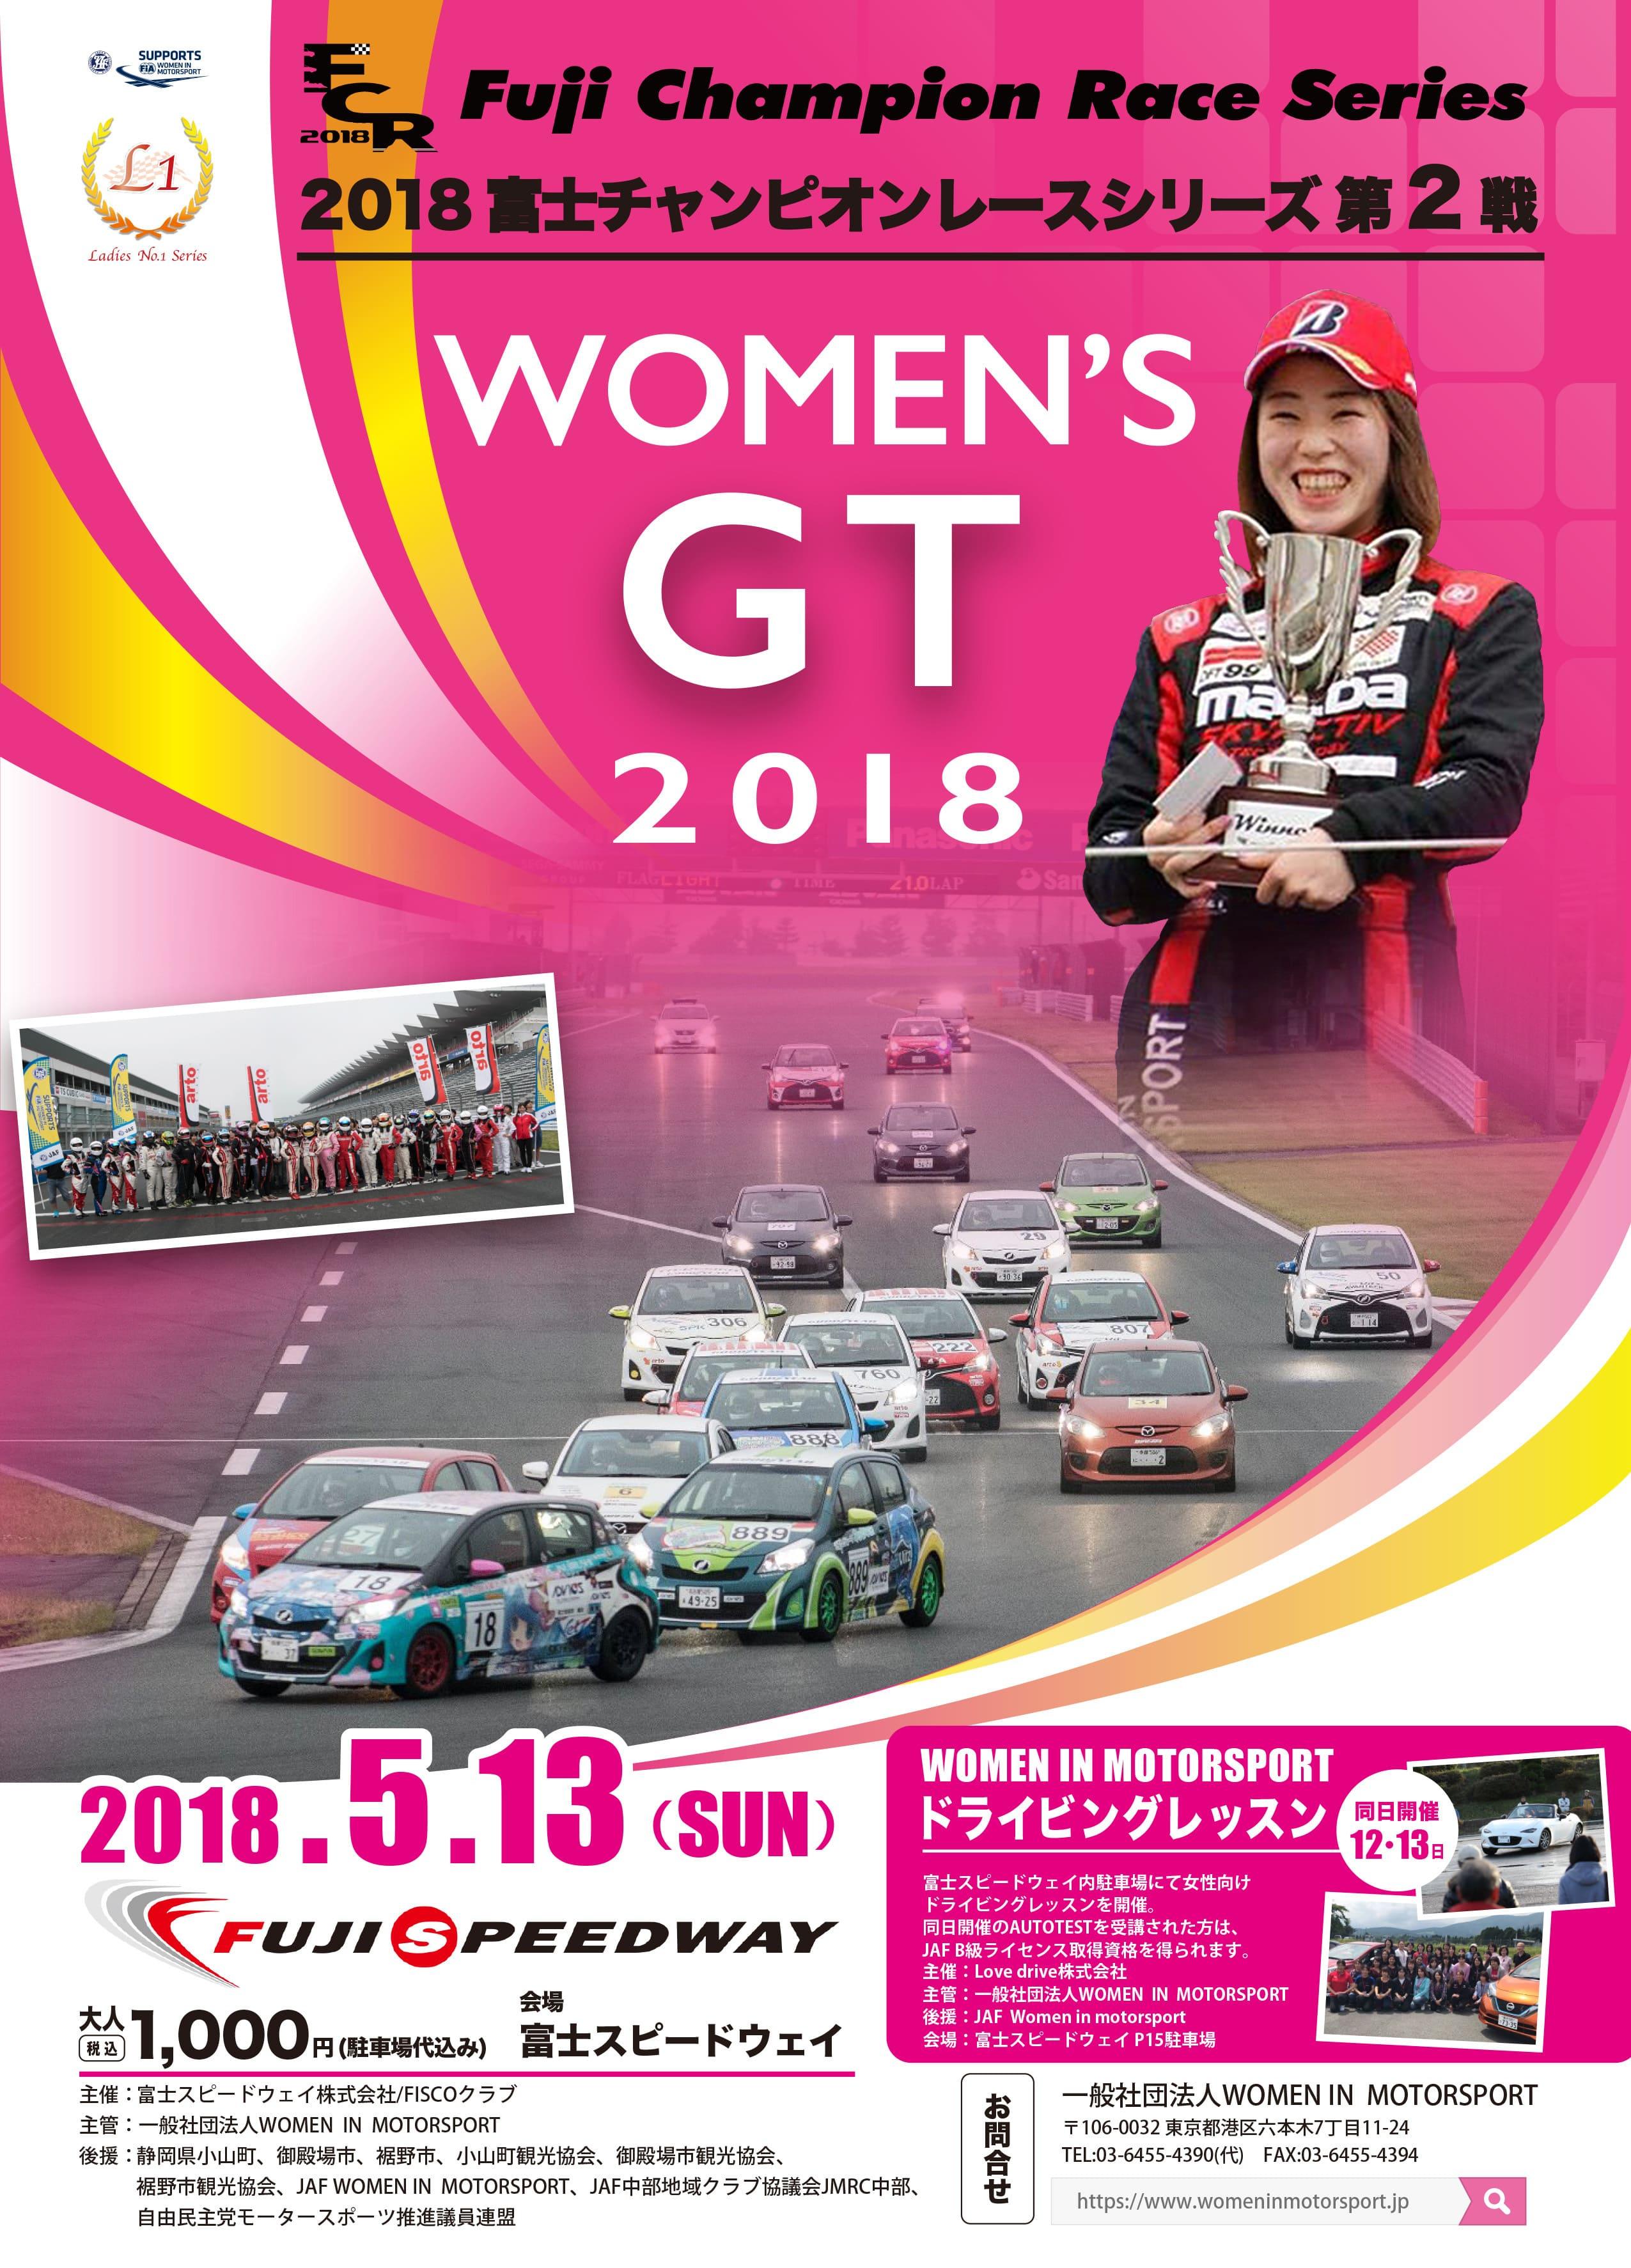 女性ドライバーオンリーのレース「Women's GT」開催